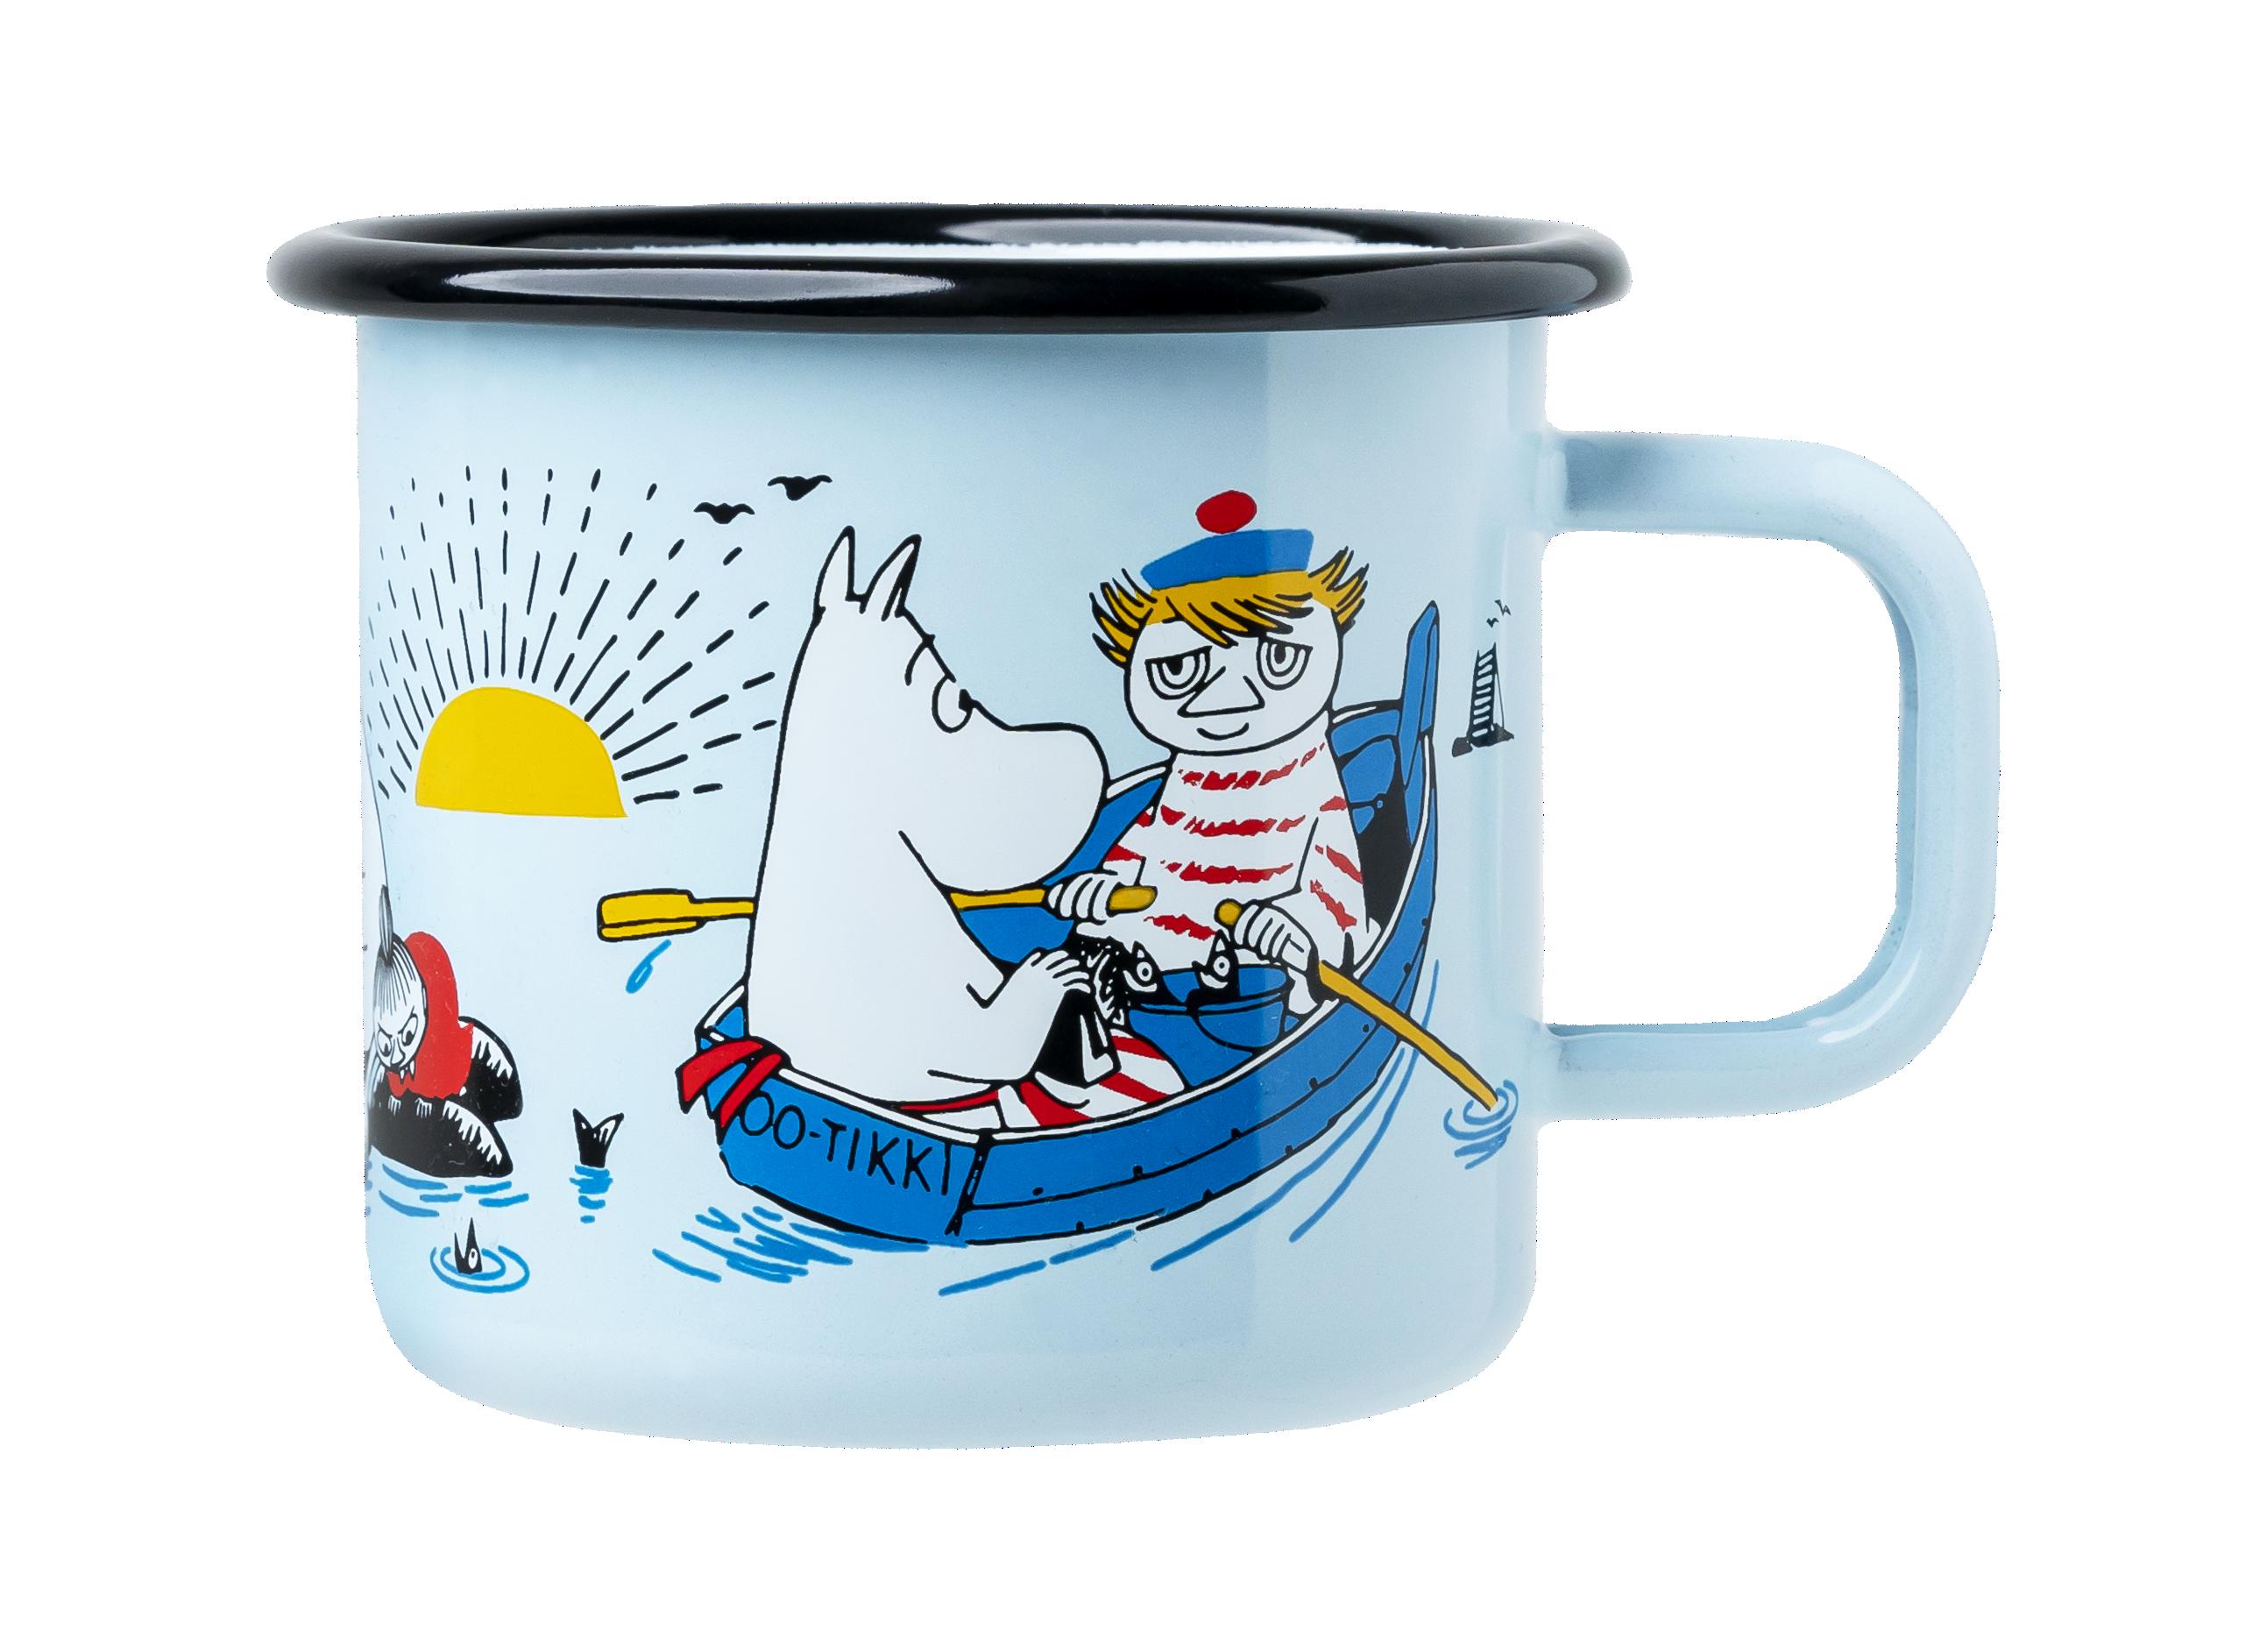 Muurla Moomin Helsinki #OURSEA enamel mug 3,7 dl